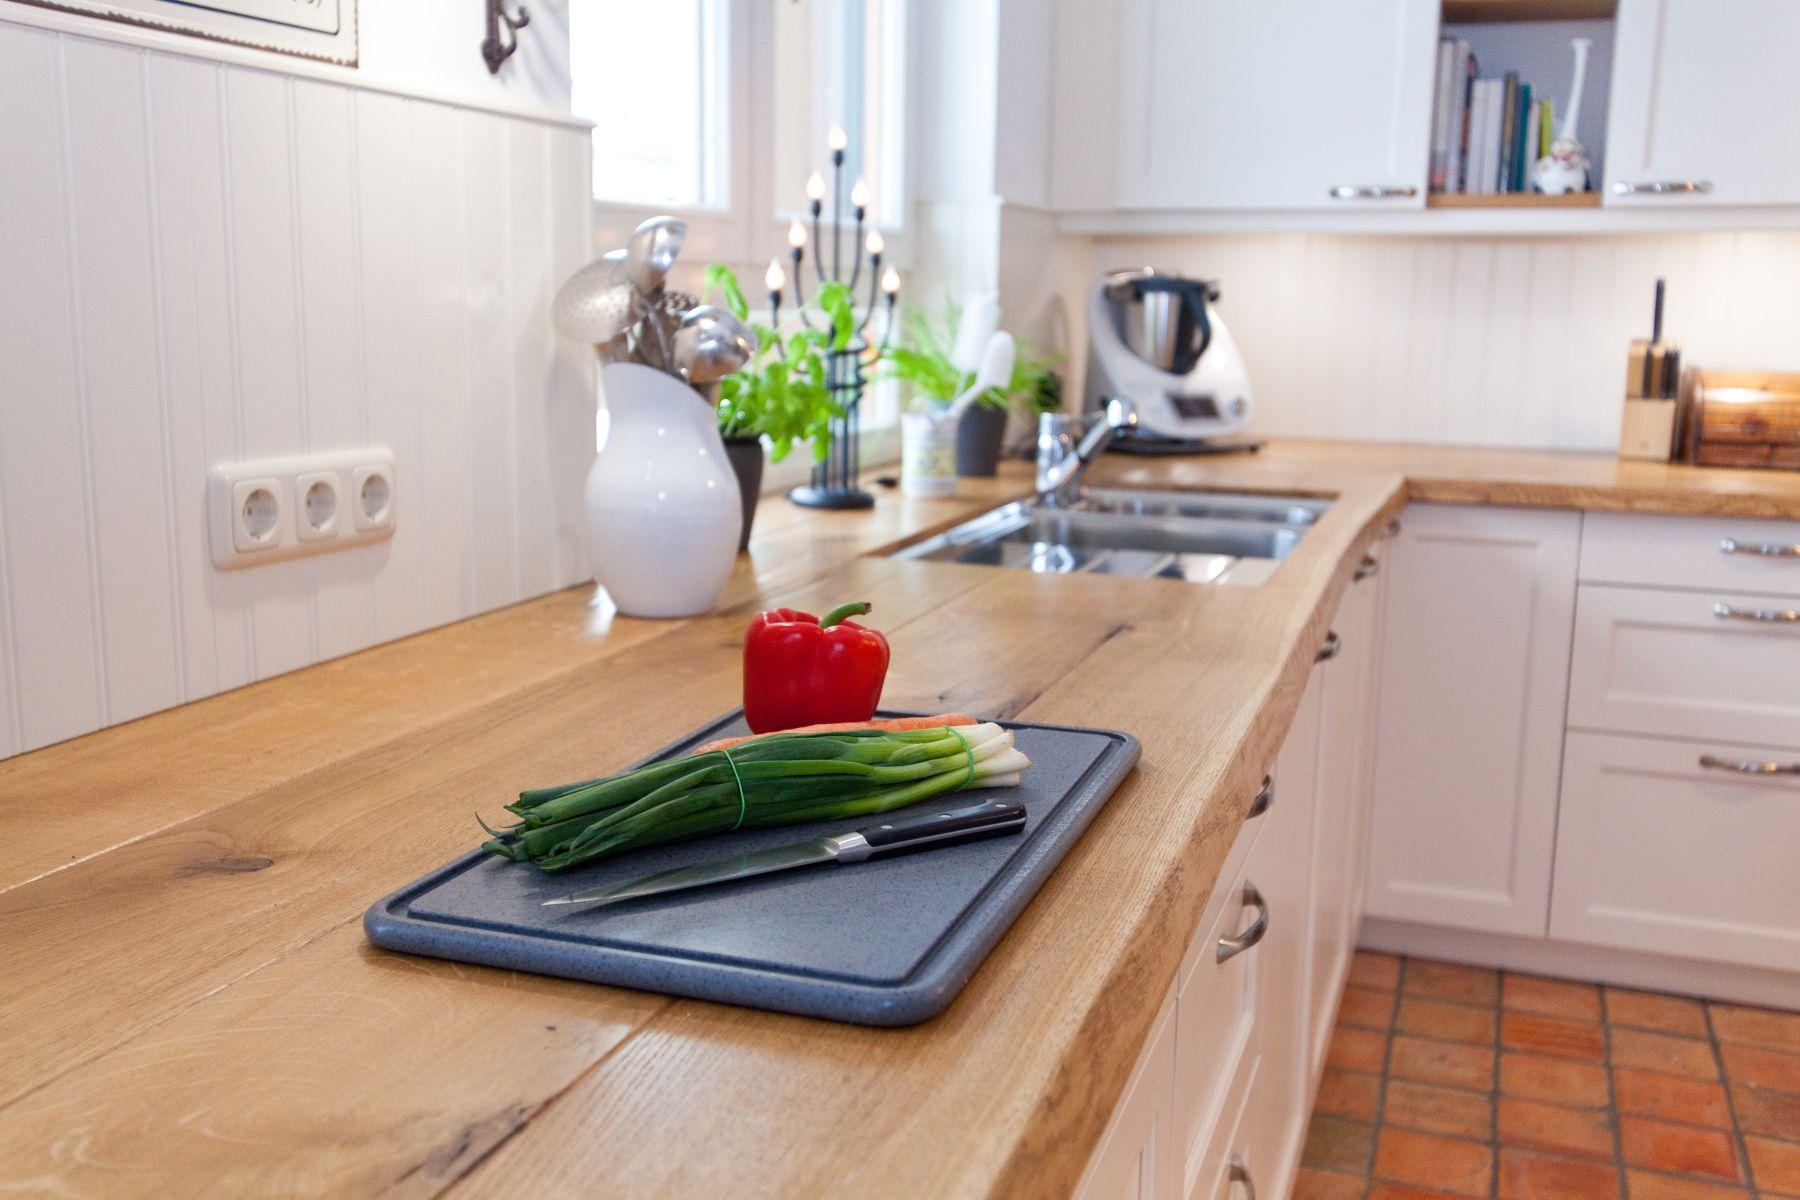 Full Size of Holz Arbeitsplatten Küche Gebrauchte Arbeitsplatten Küche Arbeitsplatten Küche Günstig Online Kaufen Hagebau Arbeitsplatten Küche Küche Arbeitsplatten Küche